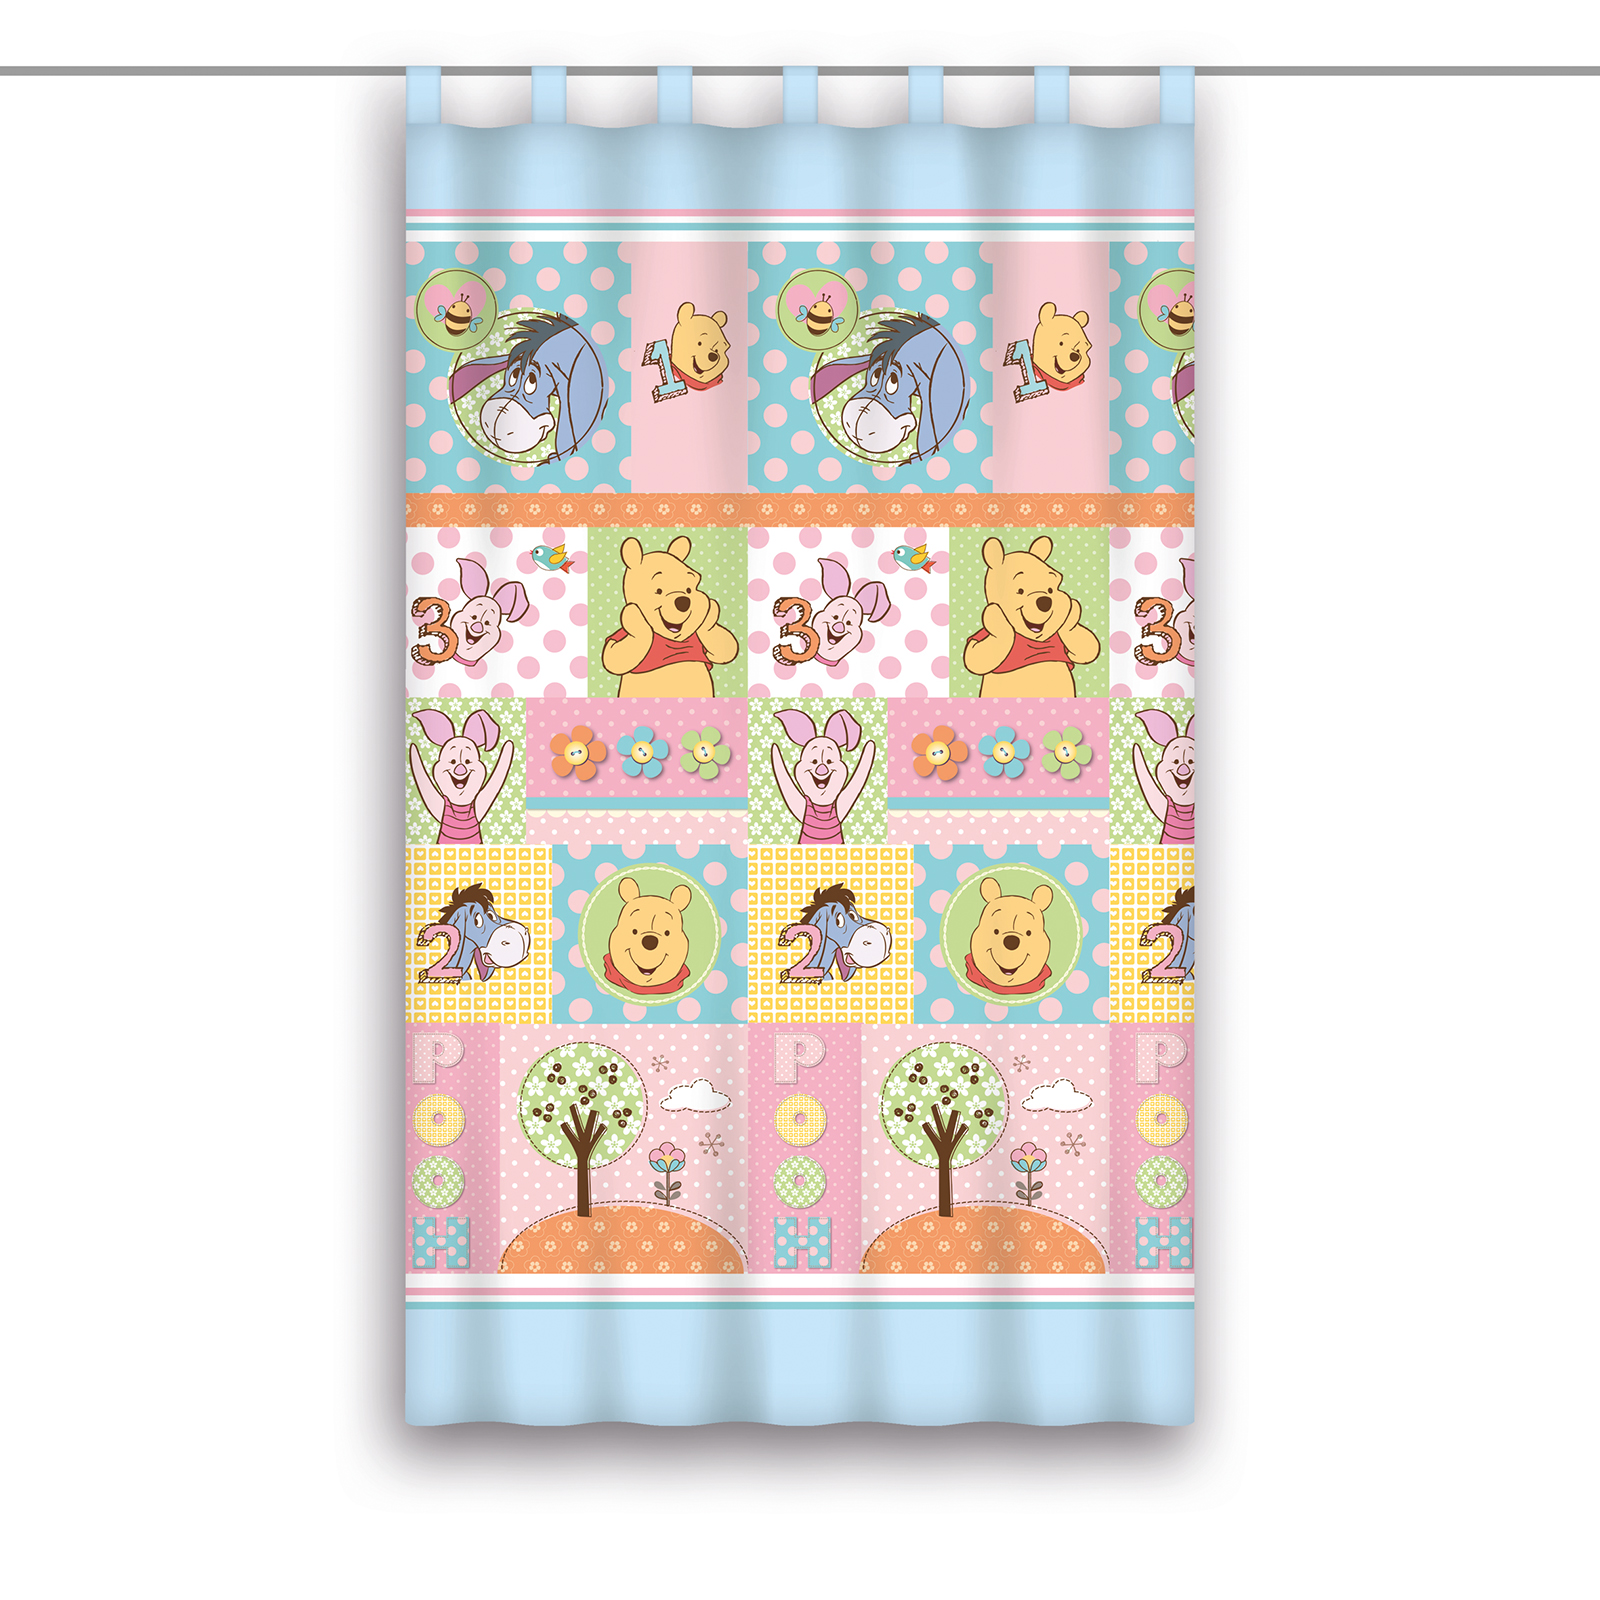 Full Size of Schlaufenschal Kinderzimmer Winnie Pooh Blau Bunt 140x160 Cm Online Bei Regal Weiß Regale Sofa Kinderzimmer Schlaufenschal Kinderzimmer